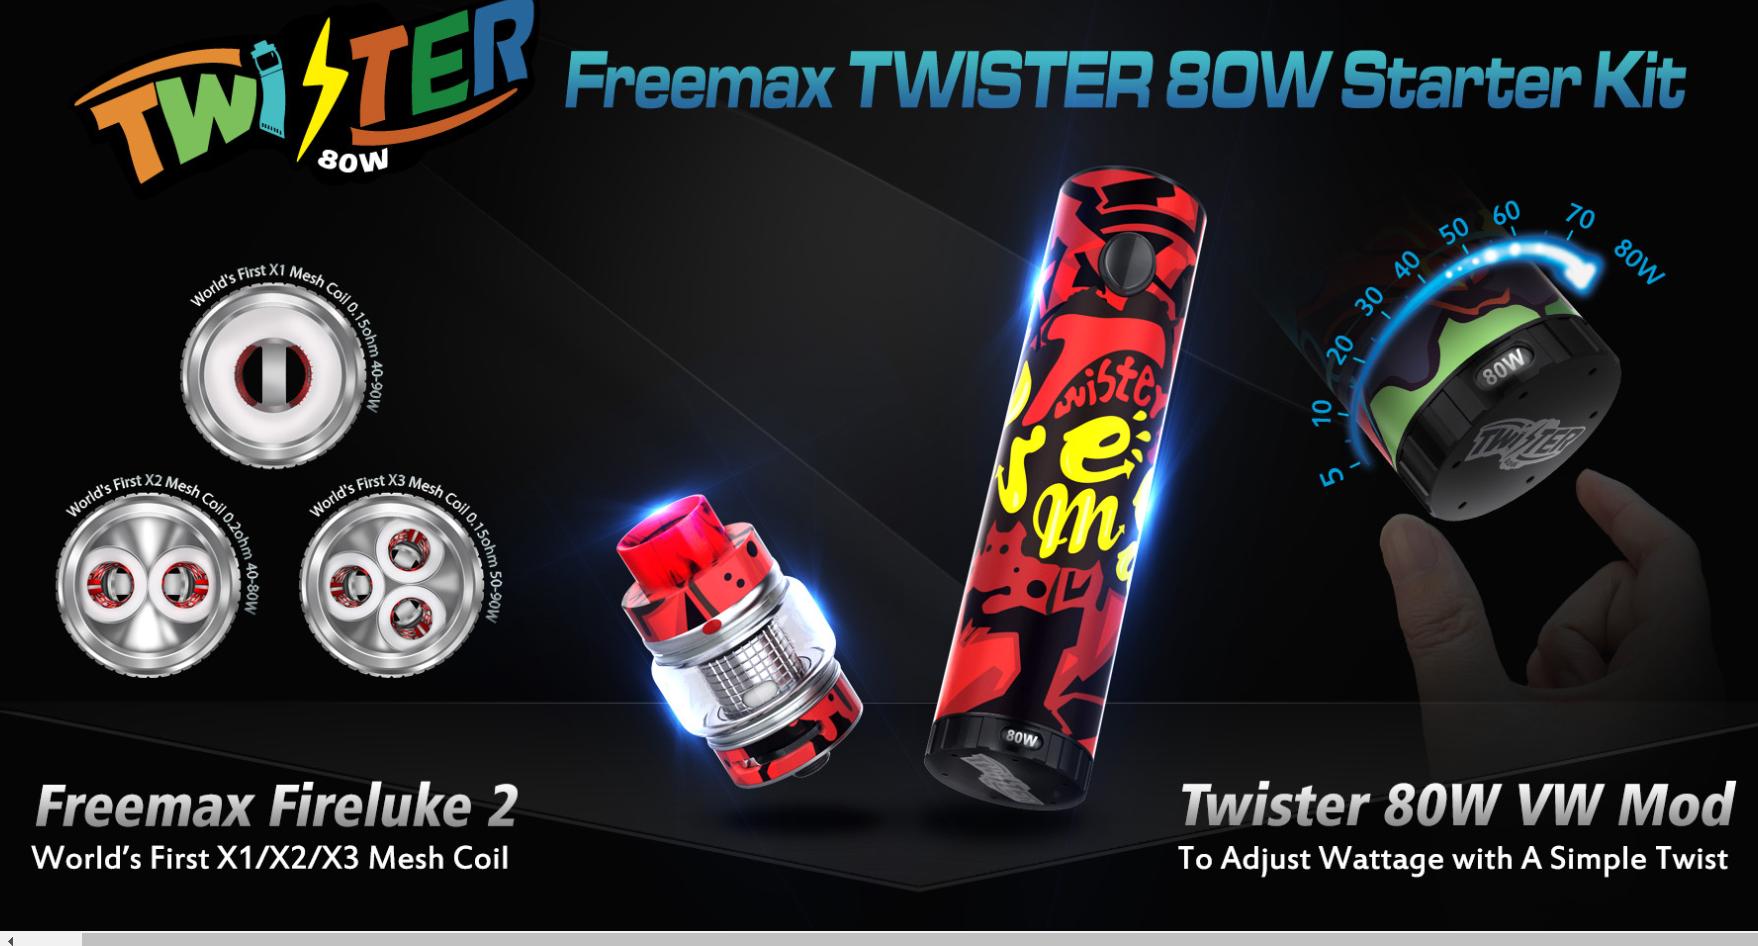 f81fd2e4c52864042852c112ce927ae2 - 【レビュー】Freemax社謹製!Twister 80W 爆煙 Starter Kit+タンクセットを吸ってFreemaxの本気モードを感じた